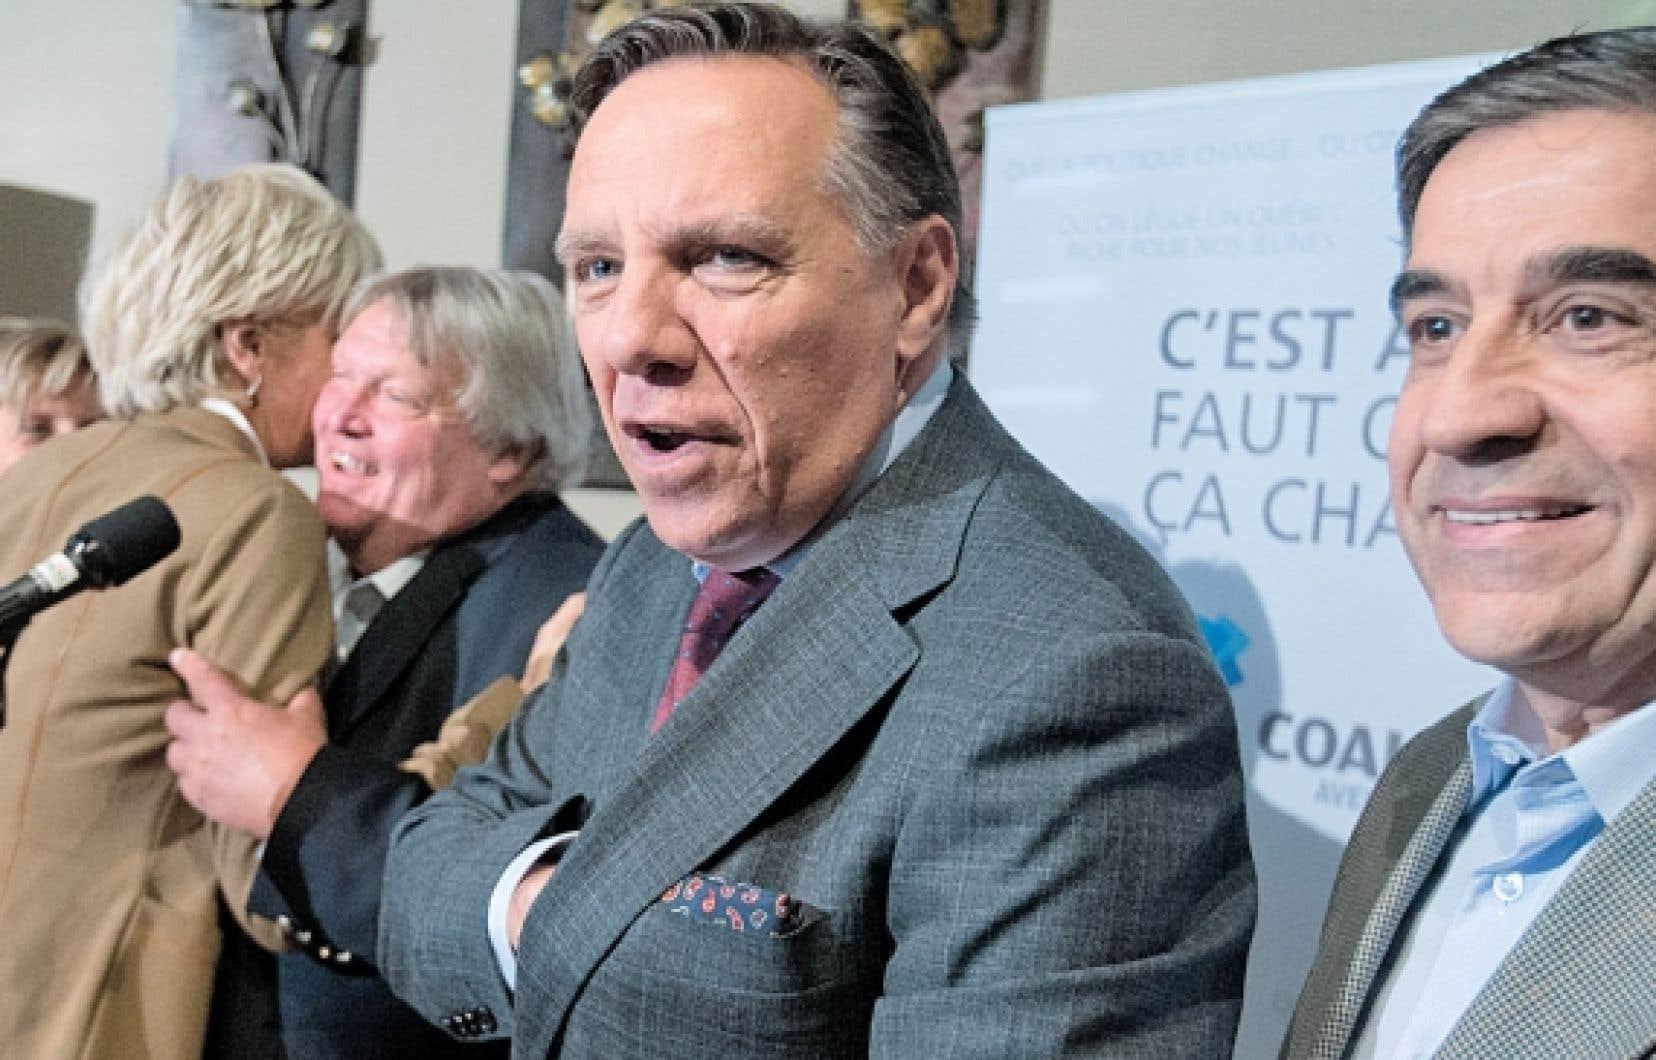 Le chef de la Coalition avenir Québec, François Legault, et son candidat vedette Gaétan Barrette (à gauche), accompagnés d'un pharmacien, ont maintenu hier qu'ils ont la solution pour que chaque Québécois ait son médecin de famille.